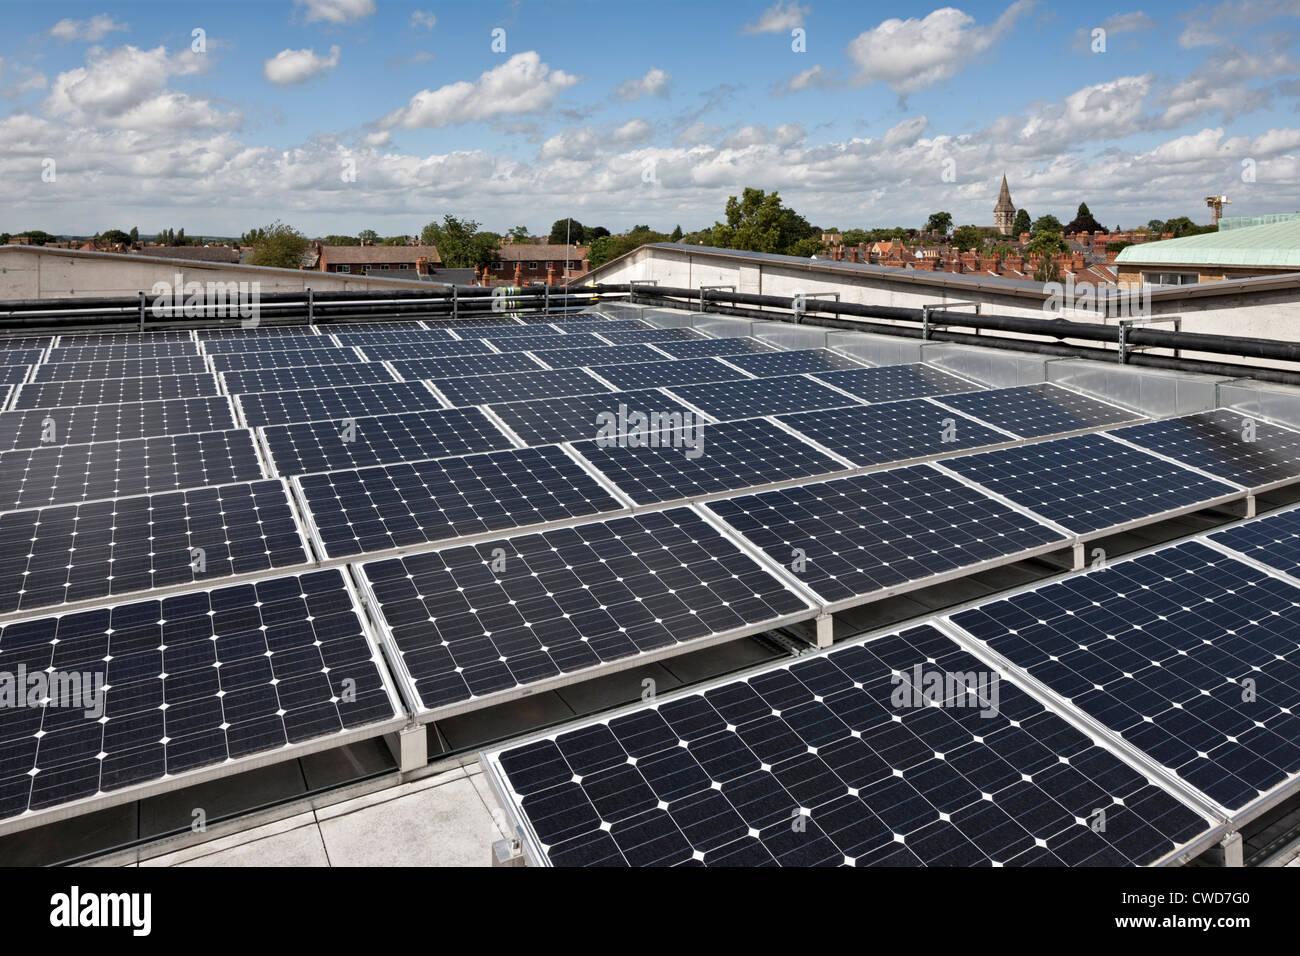 Sonnenkollektoren auf dem Dach des Gesundheitszentrums Jericho im neuen Radcliffe House in Oxford. Stockbild